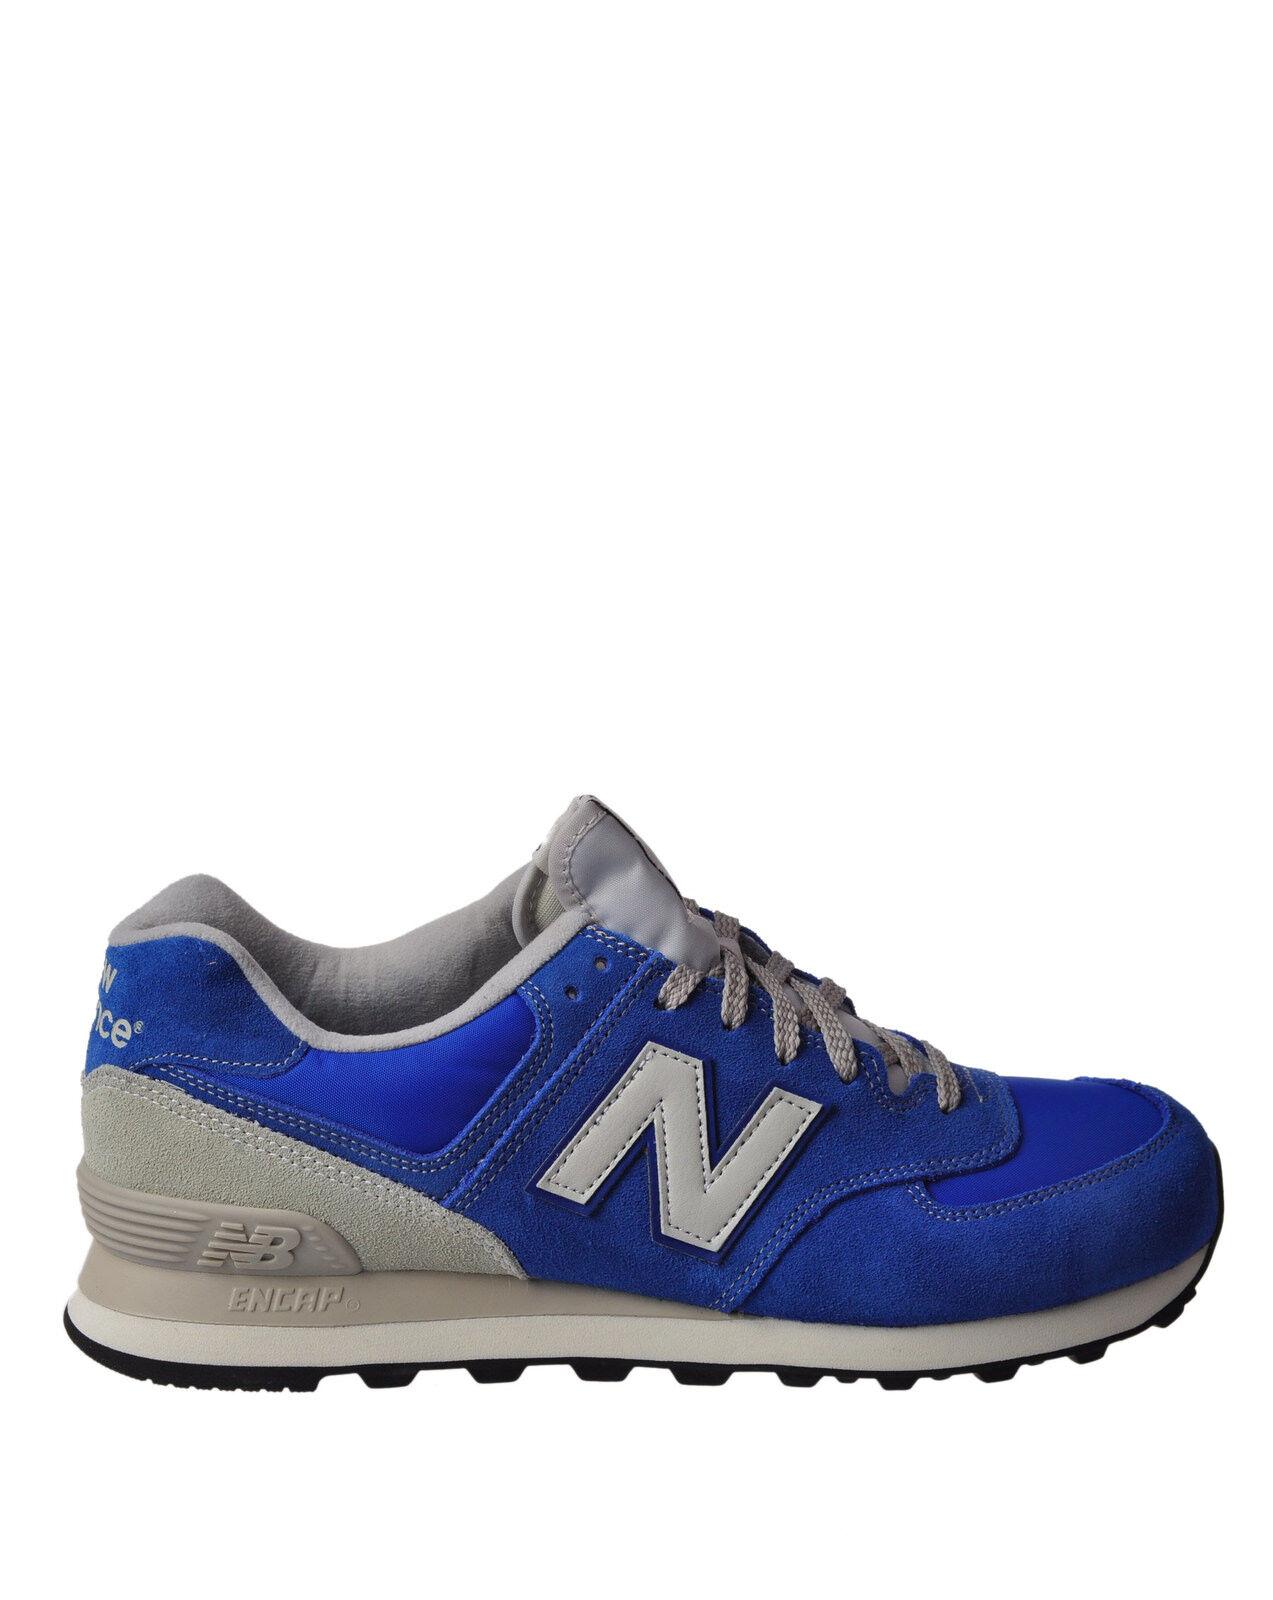 nouveau   - chaussures-paniers Faible - Man - bleu - 891418G184413